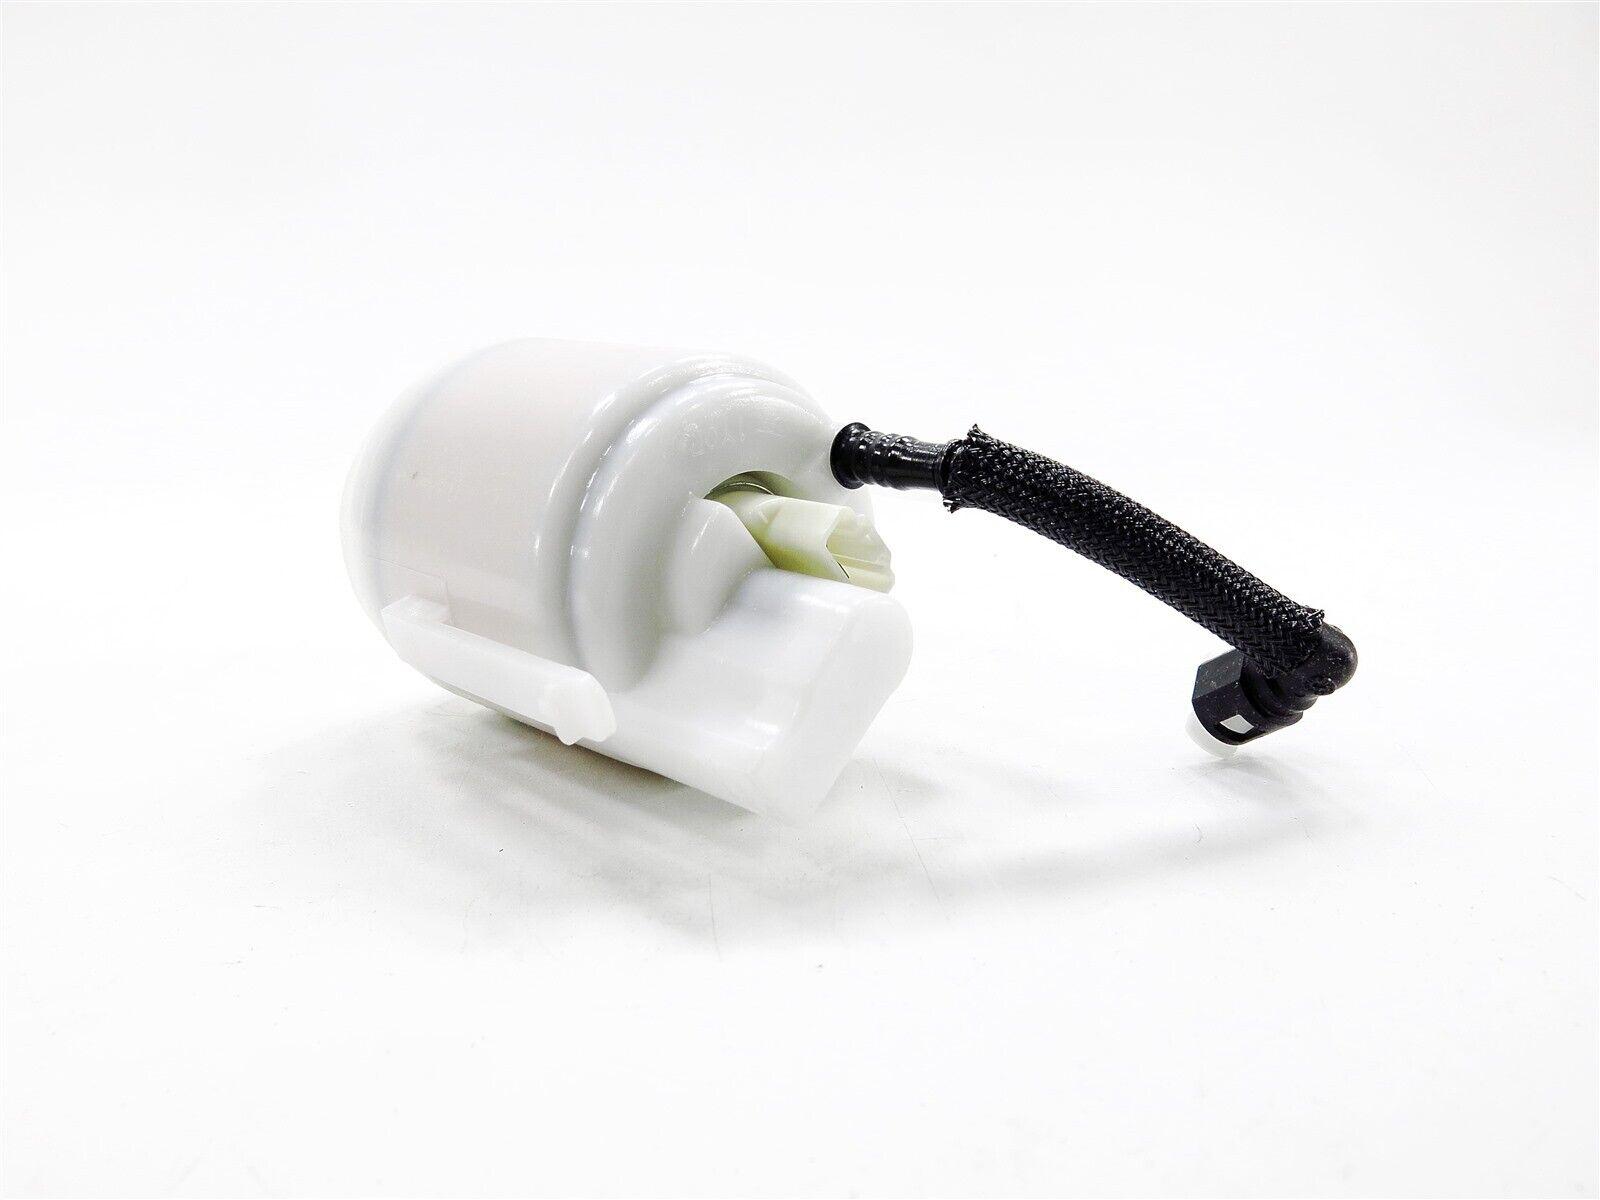 New Bosch Fuel Pump Assembly fits 2000 2001 2002 Nissan Sentra 2.0L L4 67999